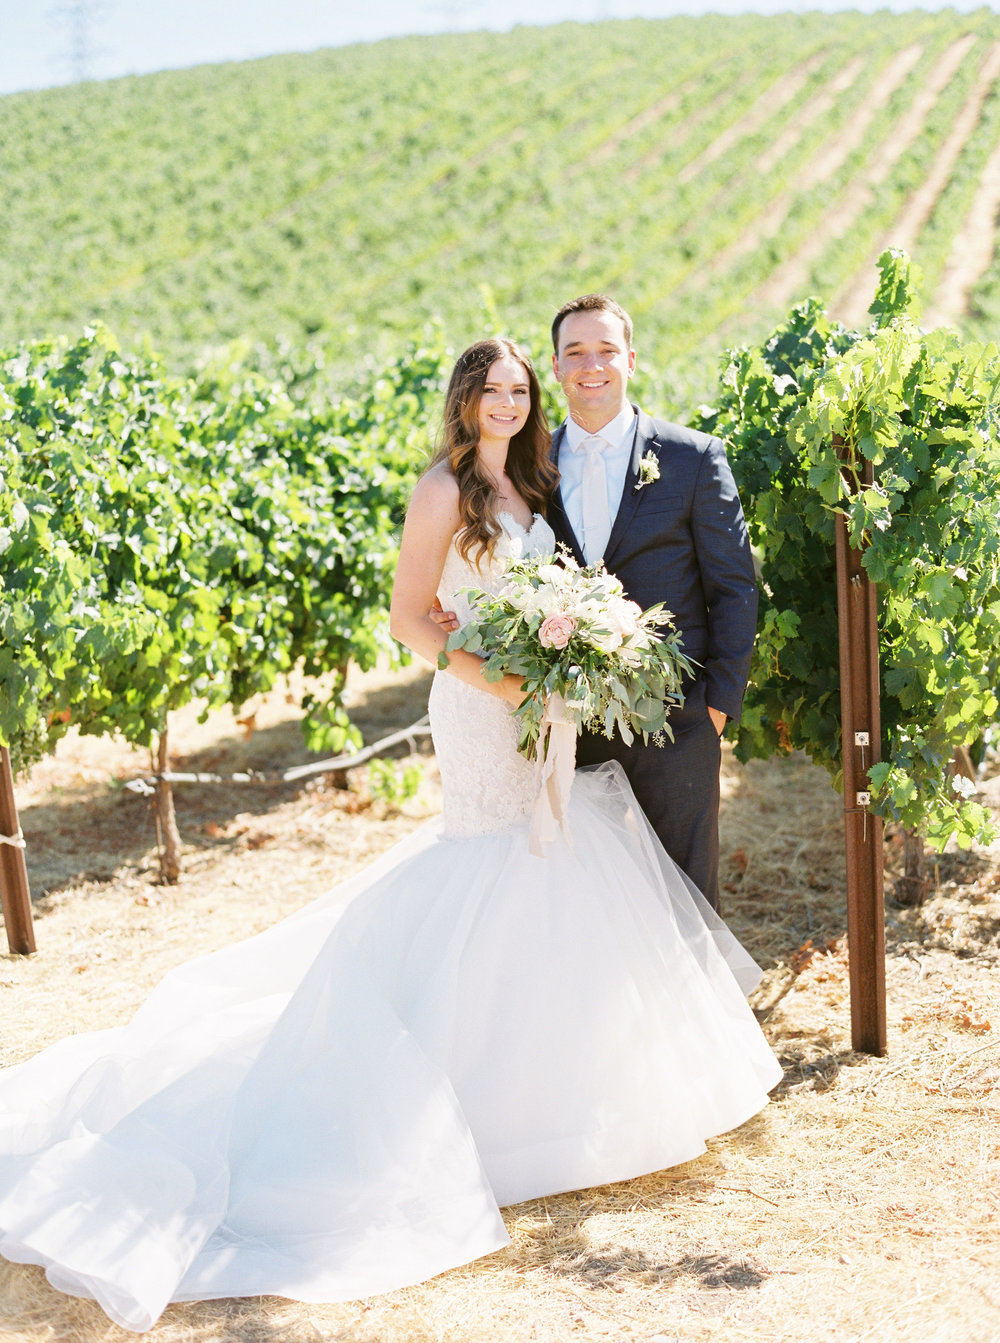 muriettas-well-wedding-in-livermore-california-81.jpg